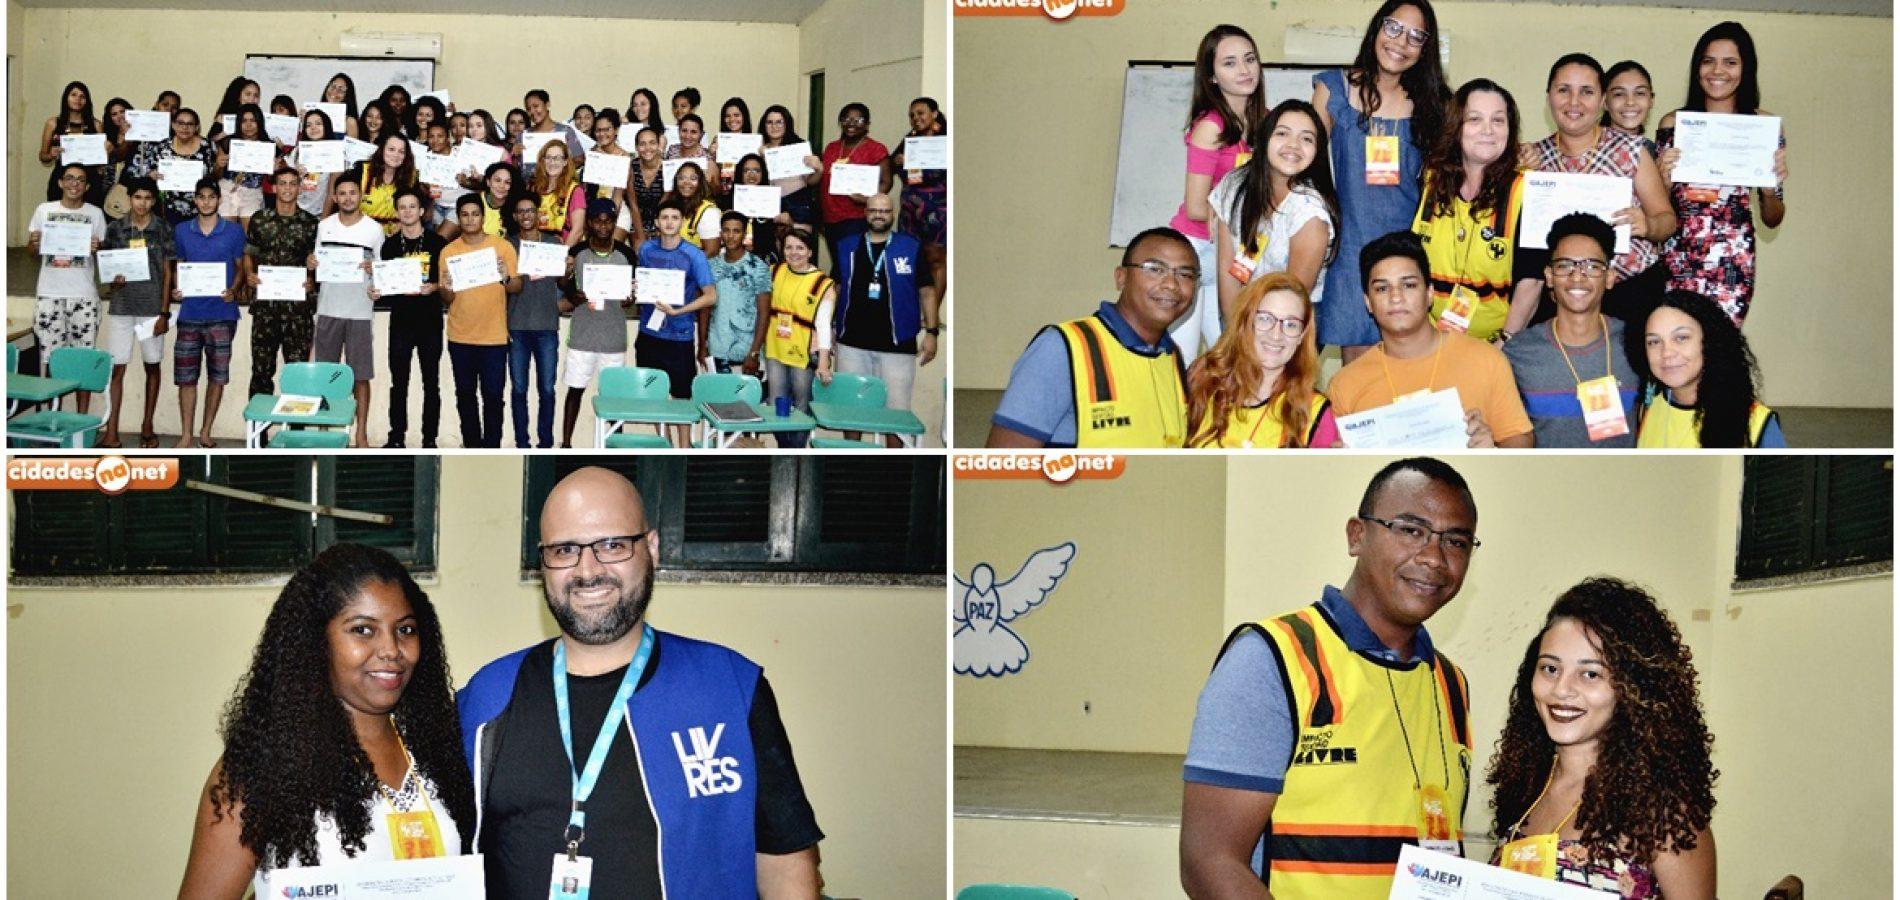 PICOS│Projeto Impacto Sertão Livre entrega certificados para alunos do curso de Assistente Administrativo